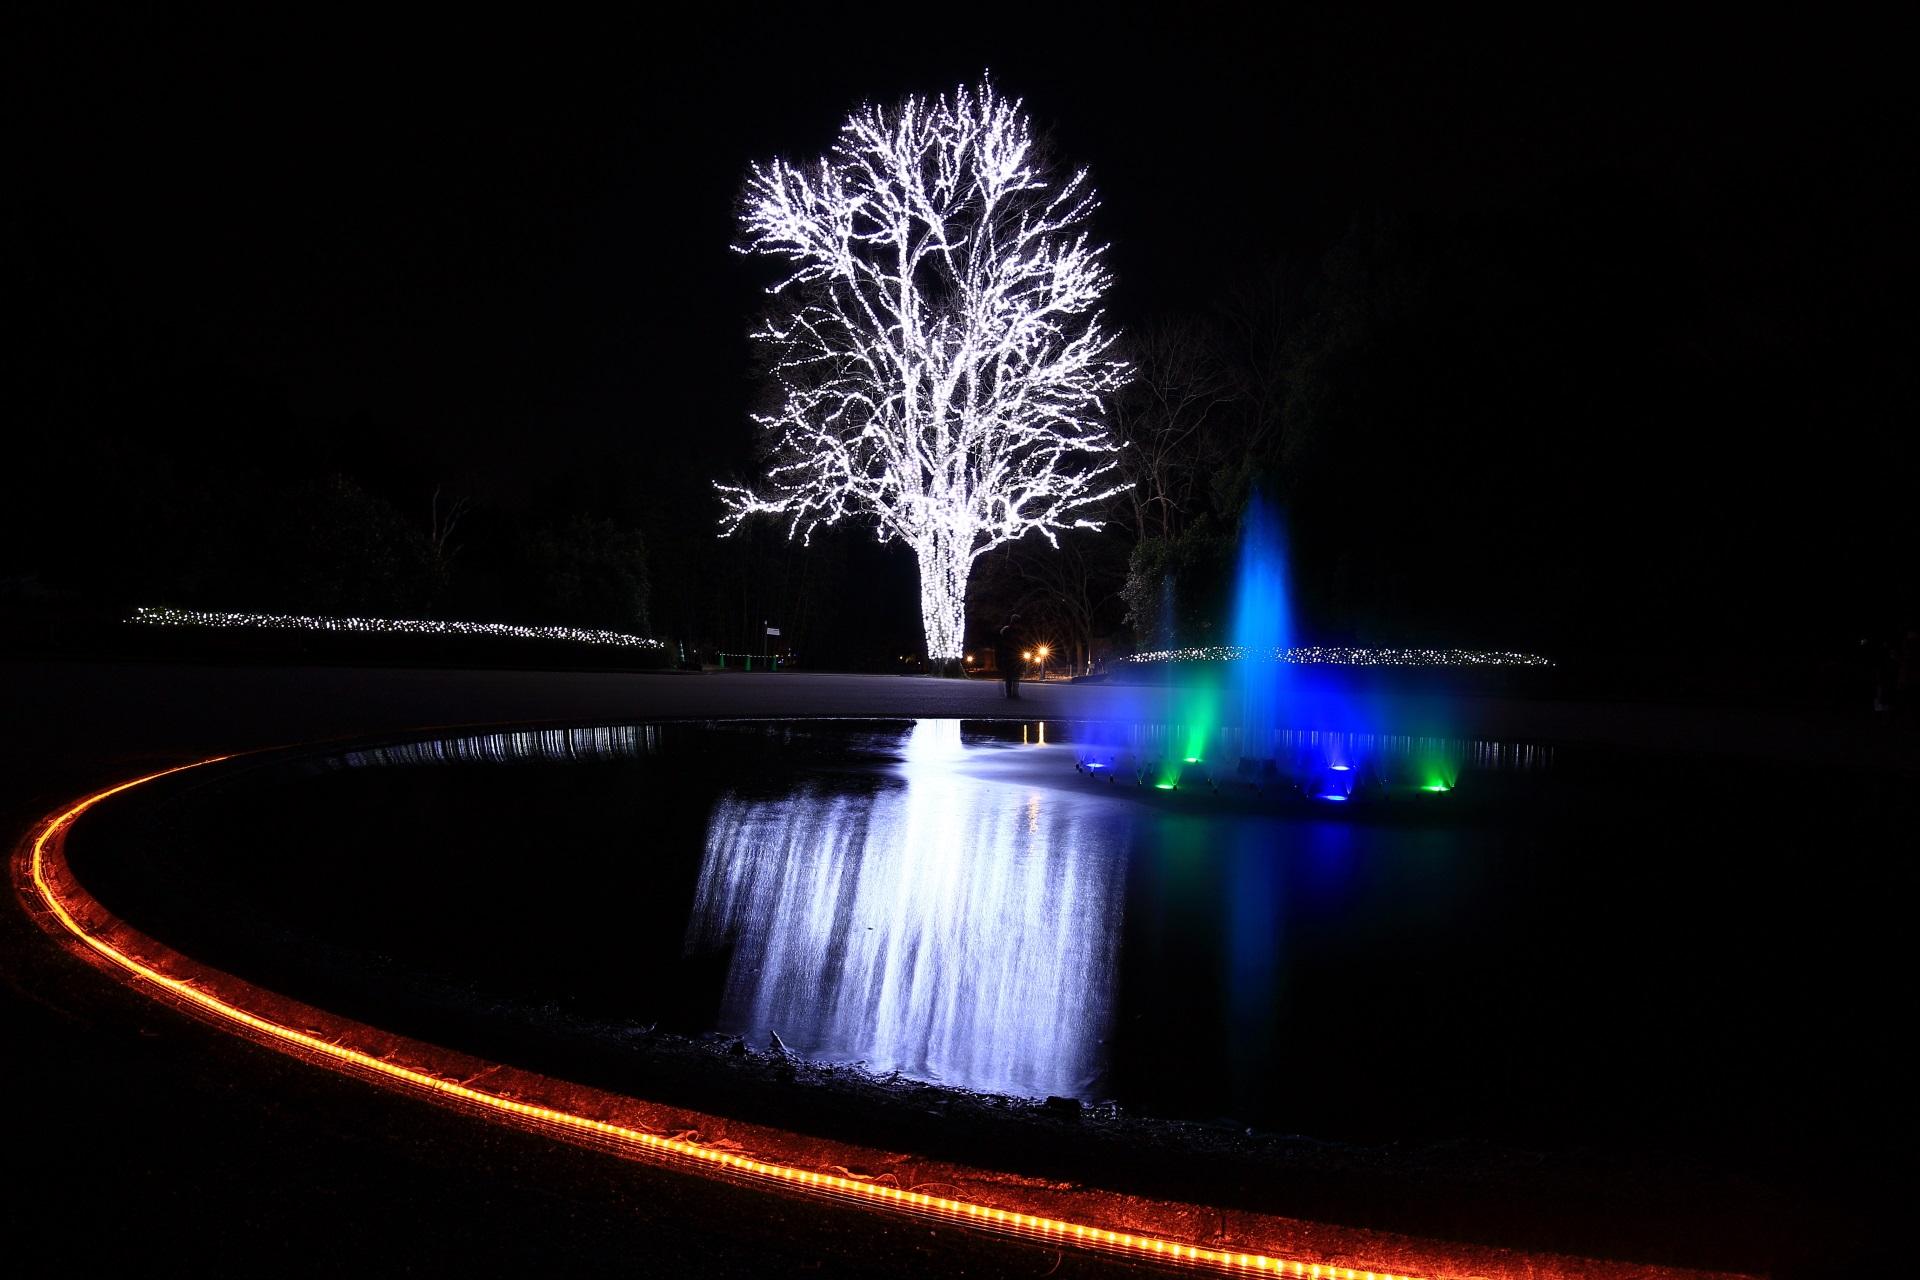 京都府立植物園 イルミネーション 楽しく幻想的な冬の輝き